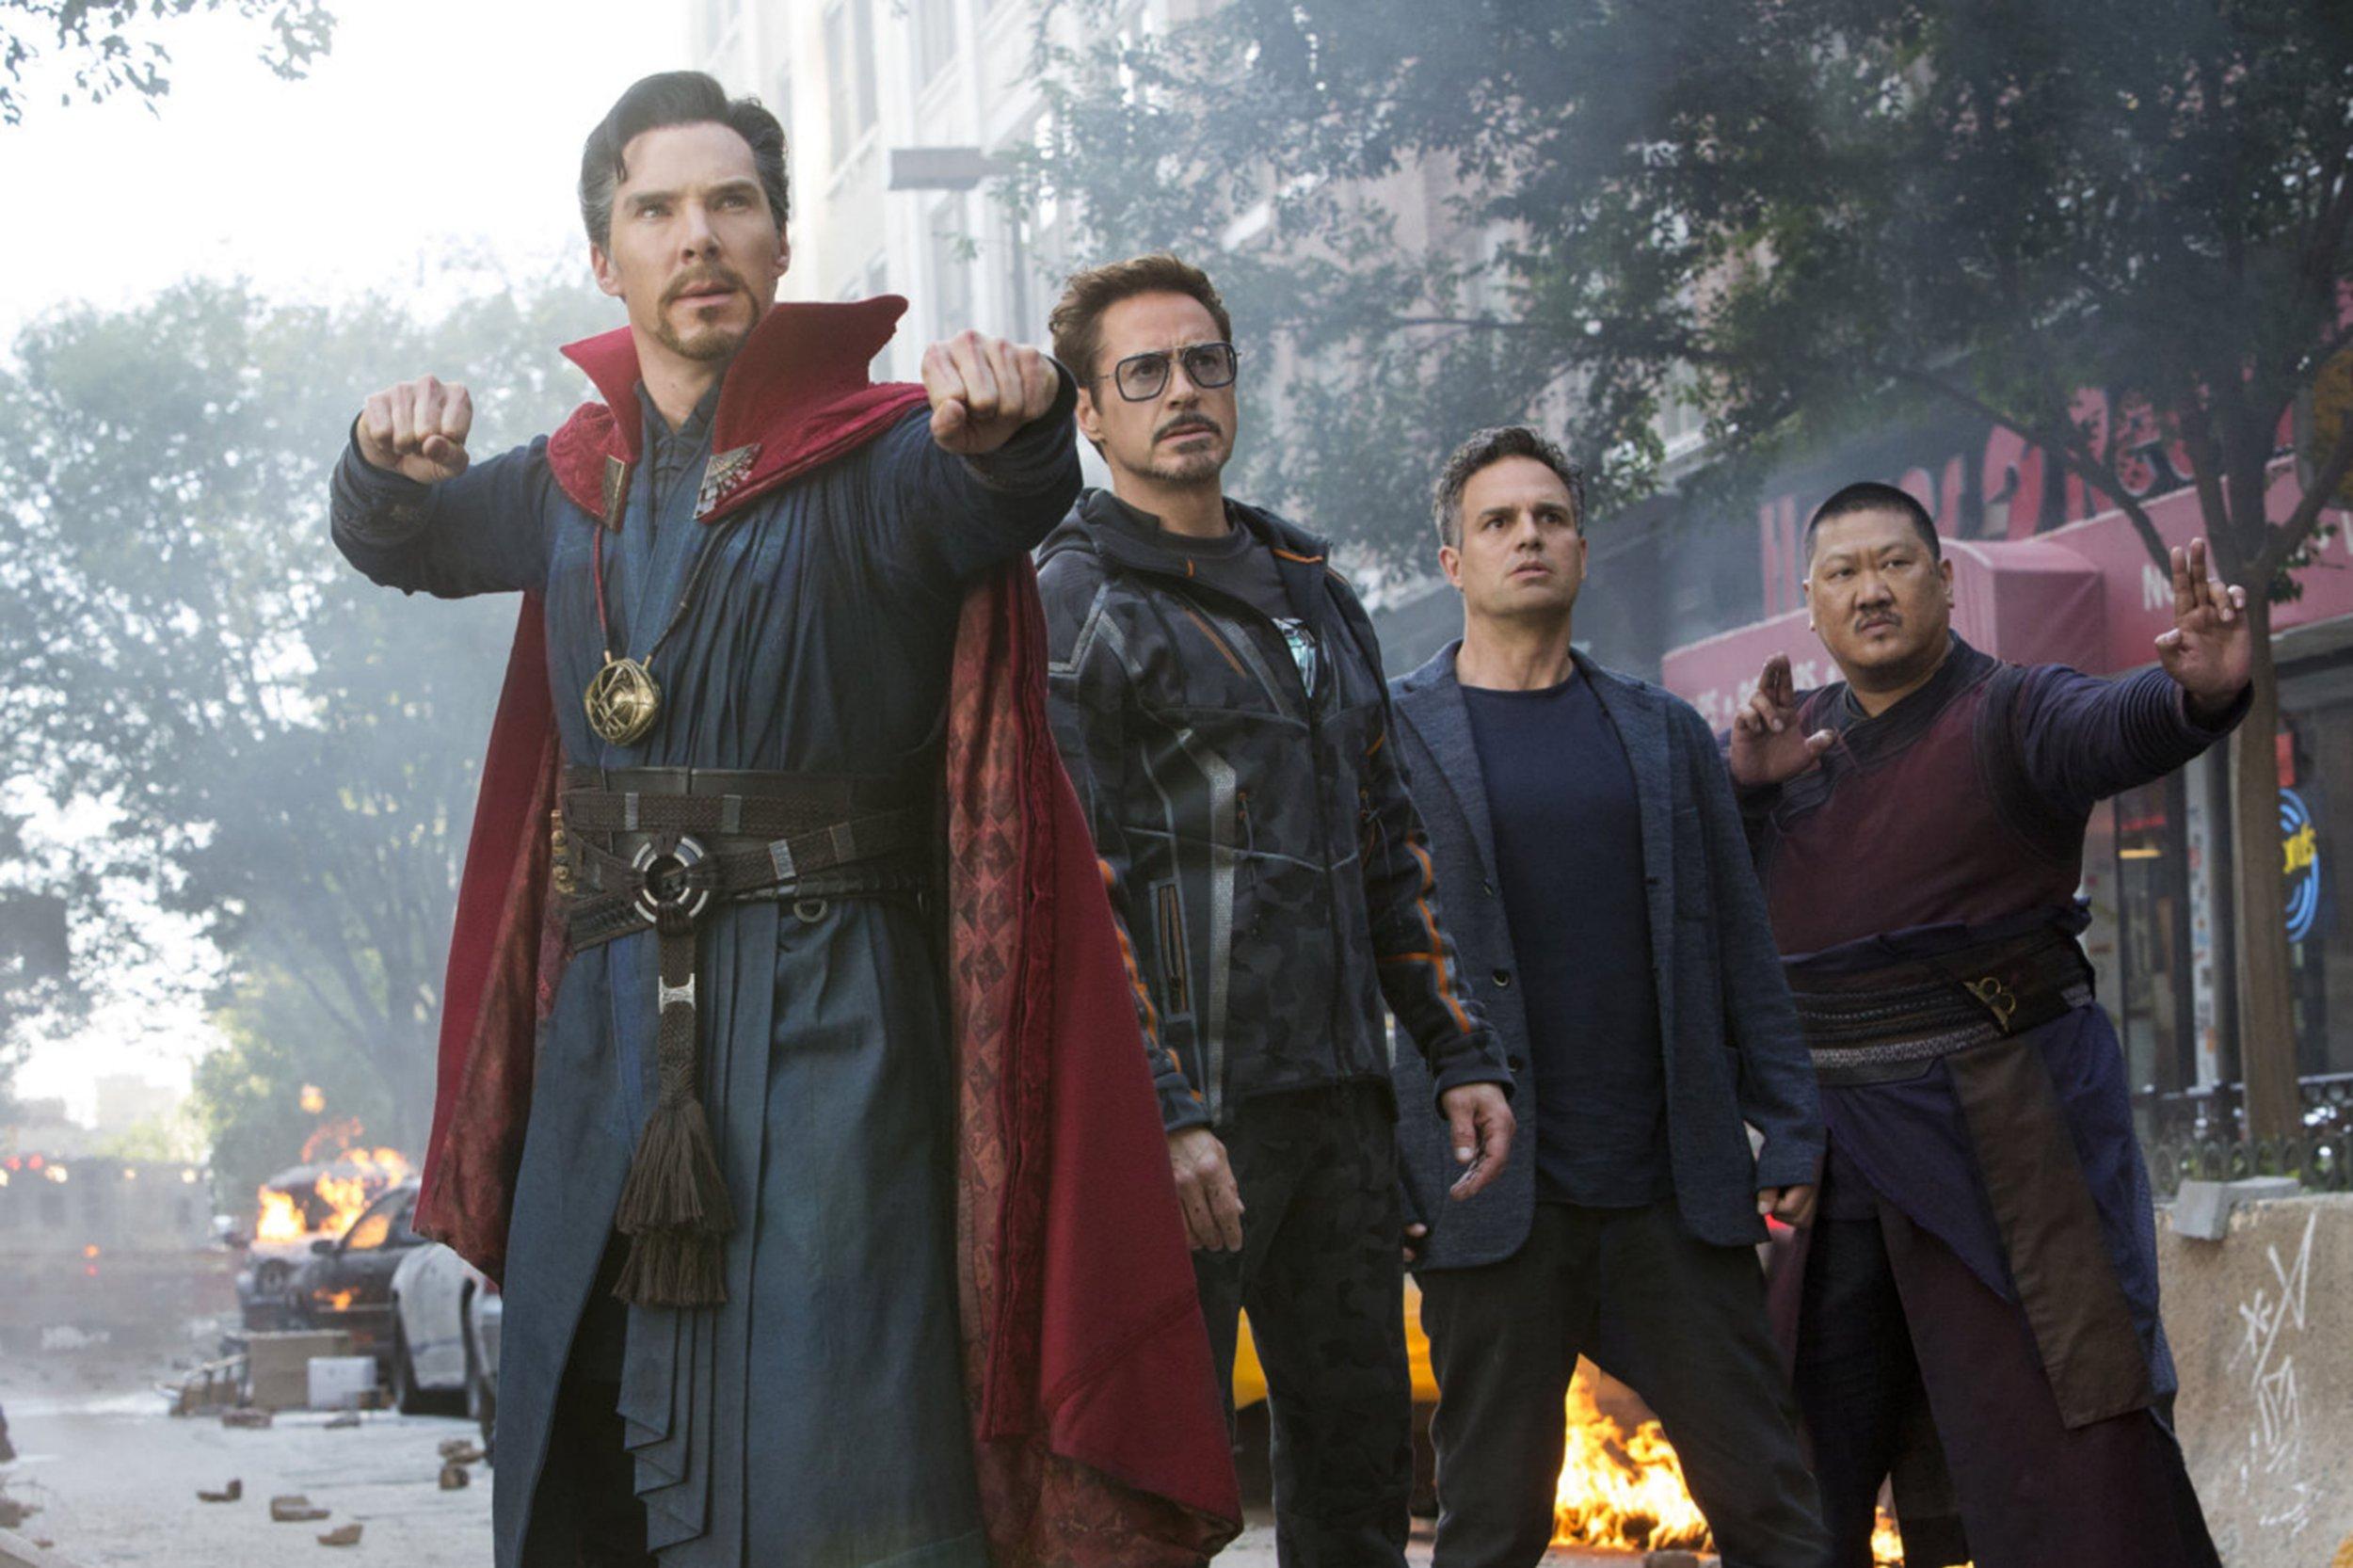 Robert Downey Jr teases Avengers: Endgame is Marvel's 'finest hour' in new featurette